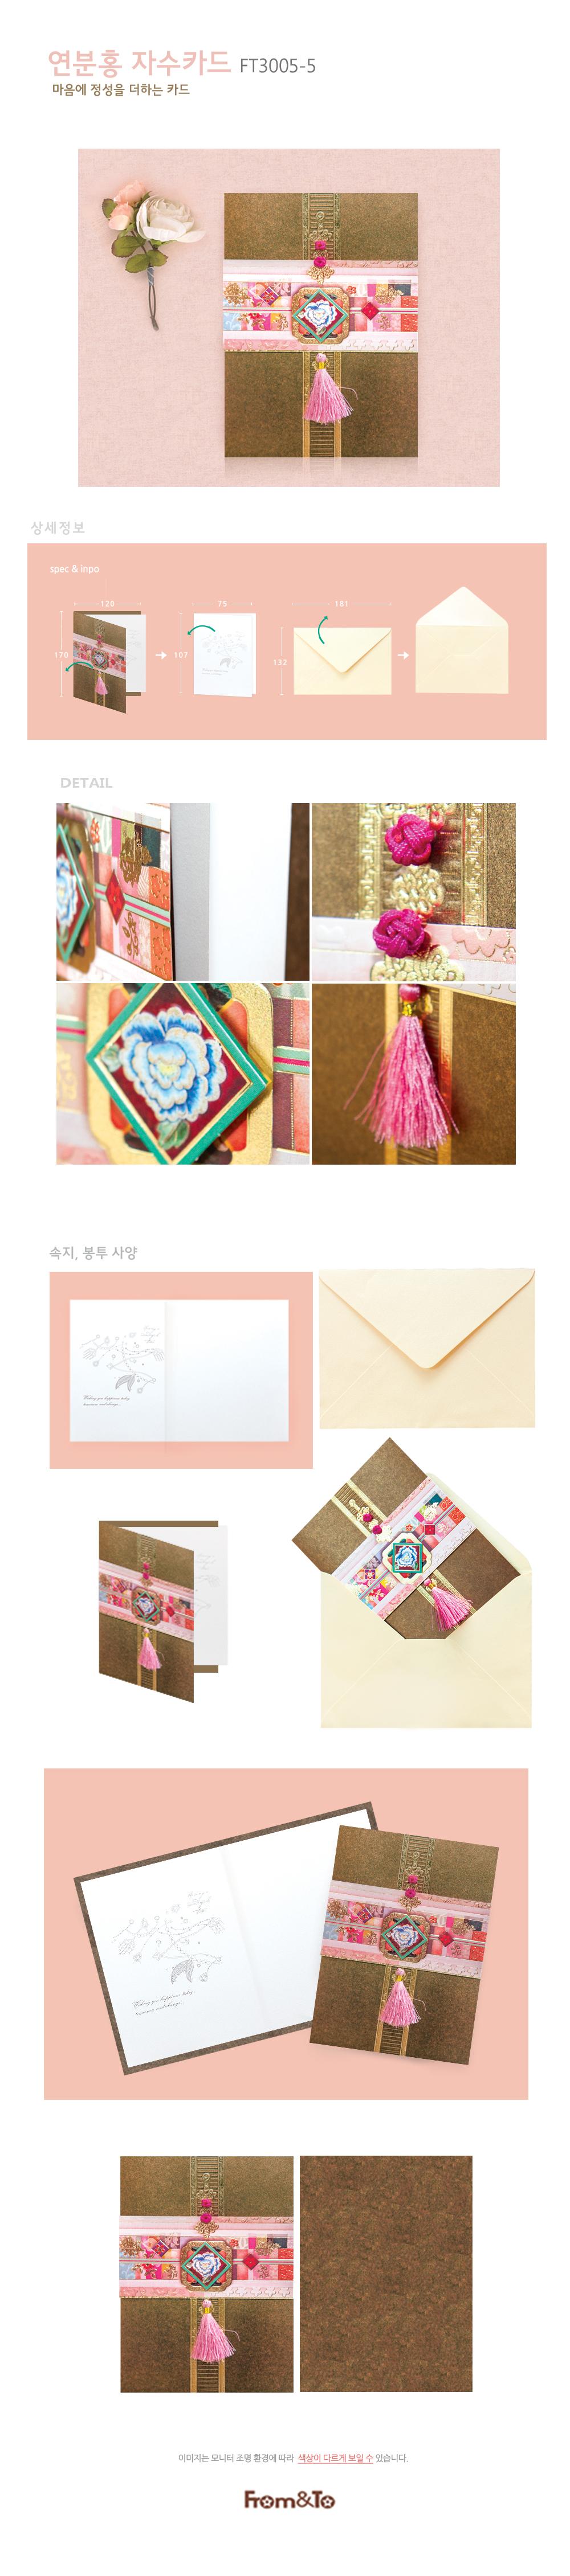 연분홍 자수카드 FT3005-5 - 프롬앤투, 3,000원, 카드, 카드 세트